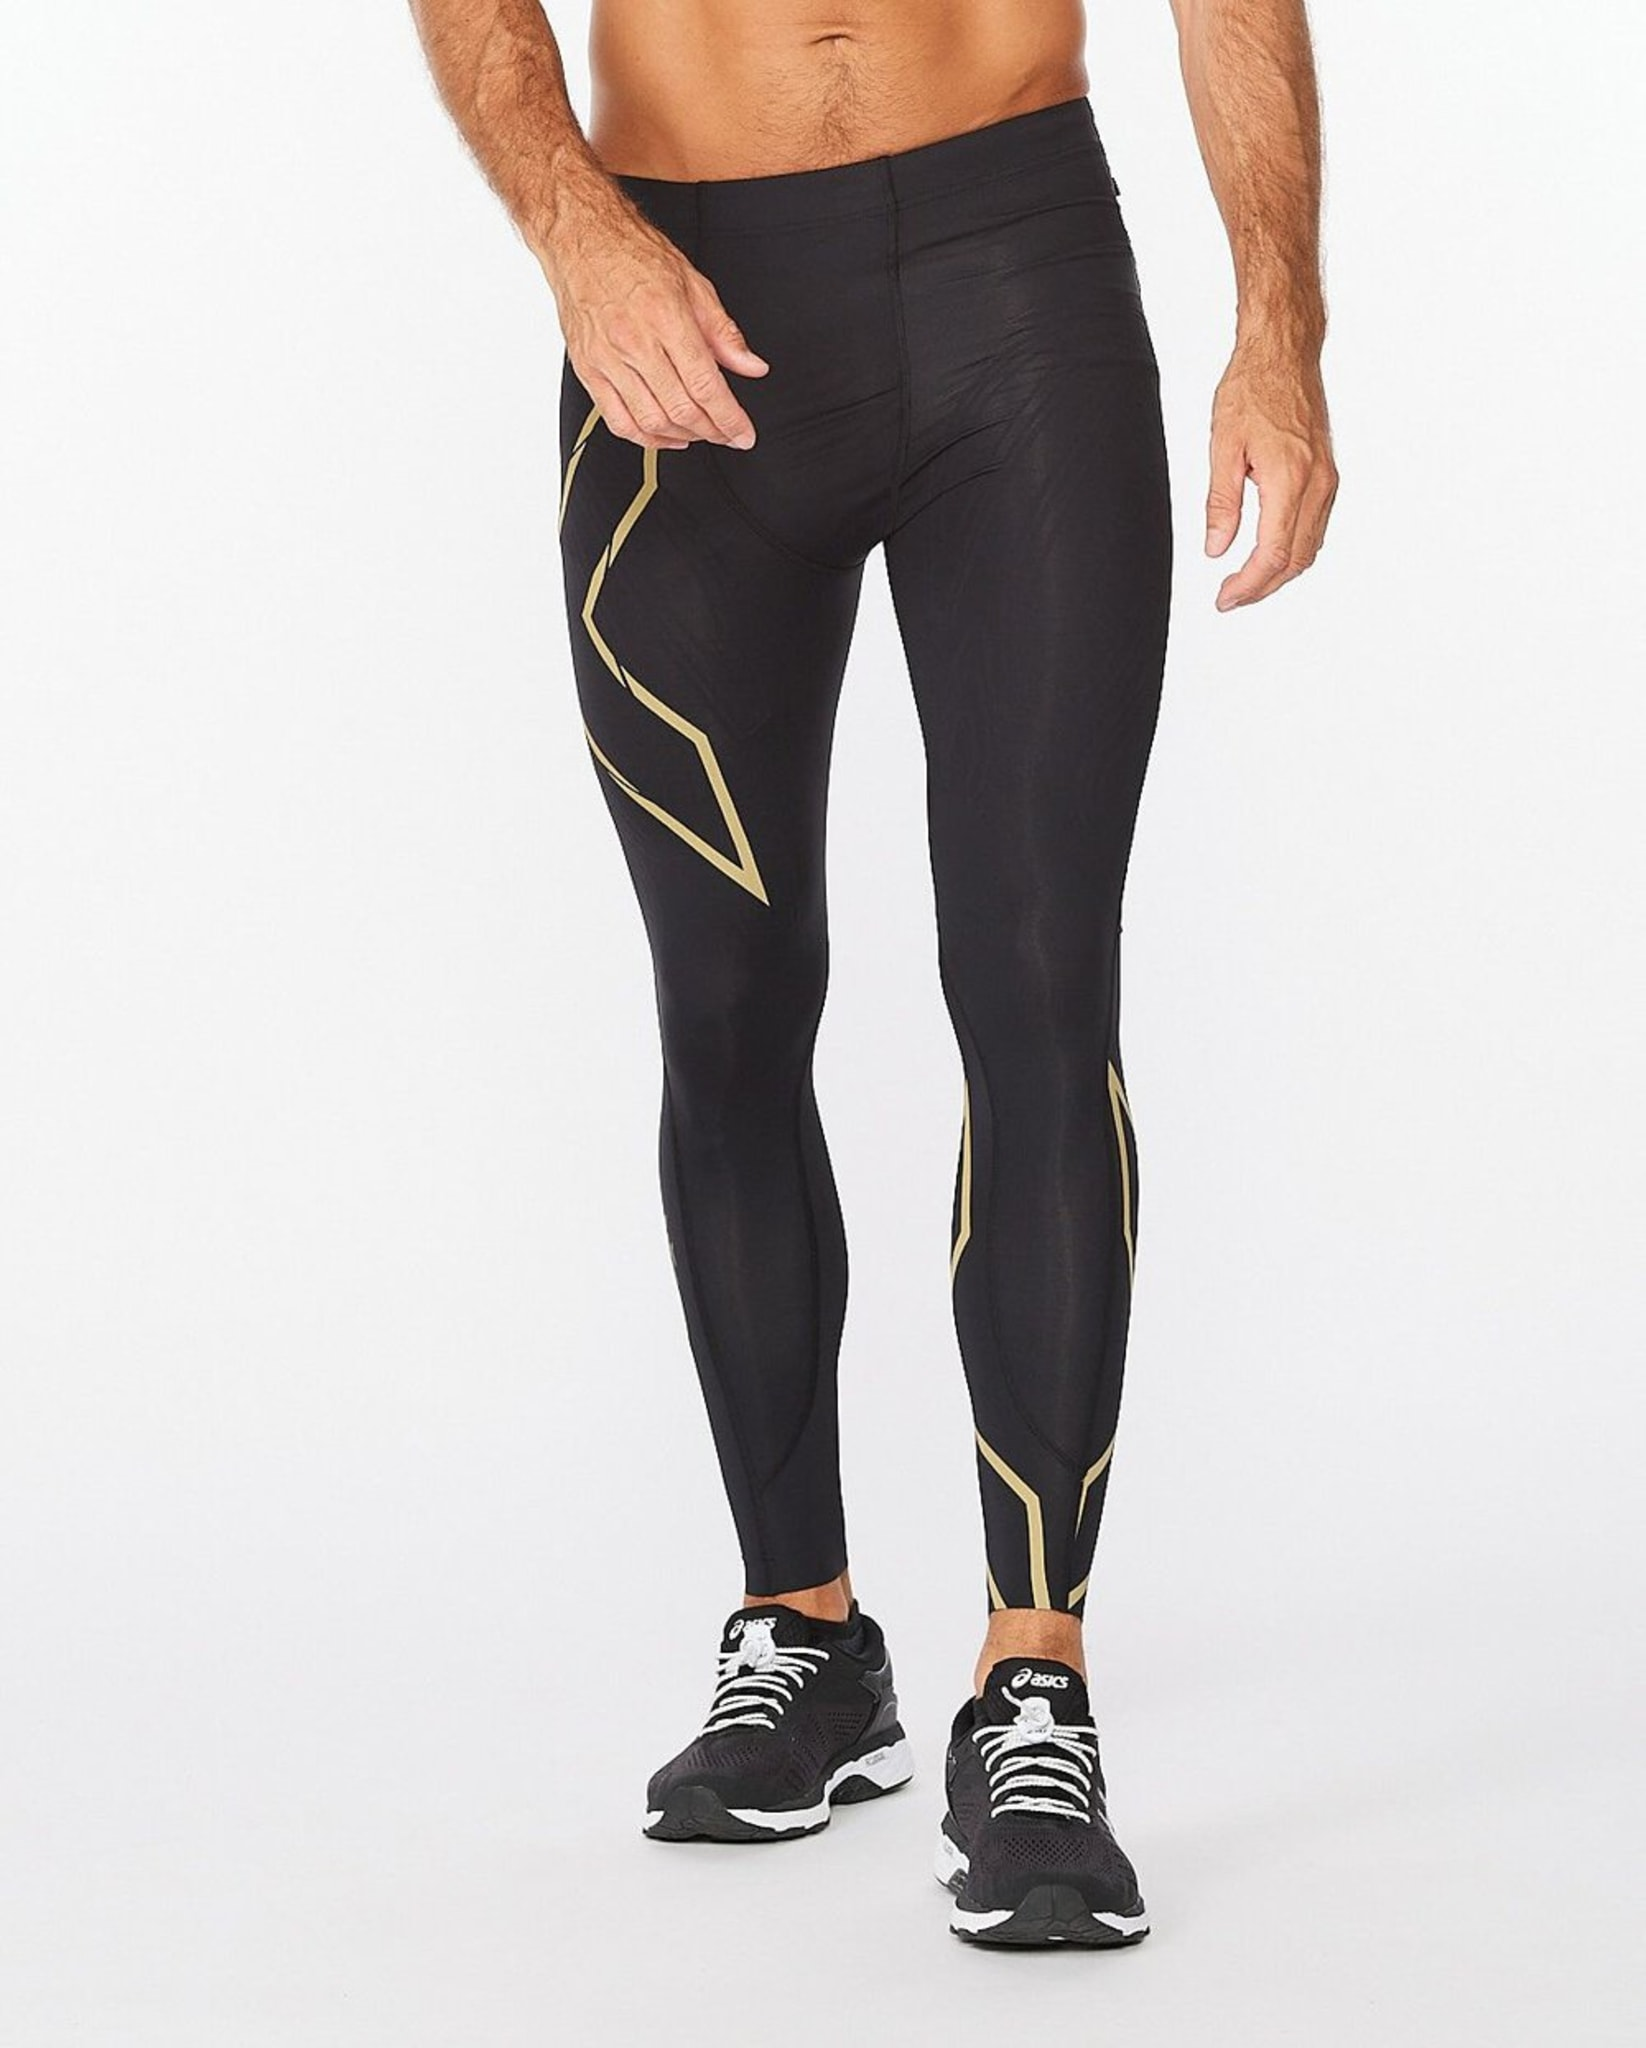 Light Speed Compression Tights med revolusjonerende muskelomsluttende trykk (MCS) teknologi, er utviklet med detaljert forståelse for hvordan løping påvirker beina, reduserer muskelfriksjon, skader og